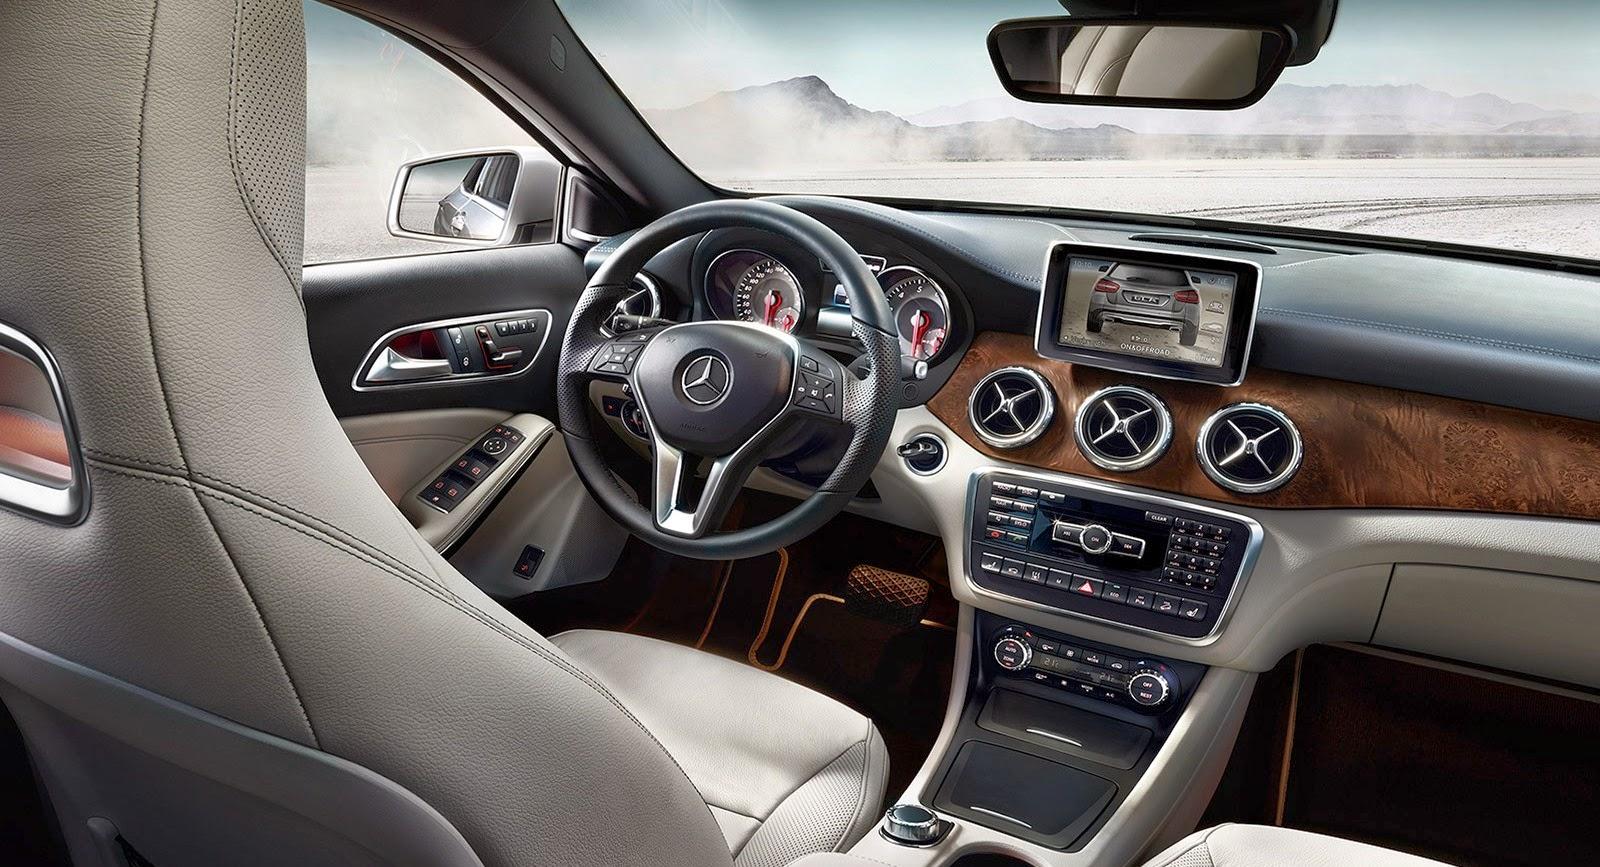 Leopaul 39 s blog mercedes benz gla class for Mercedes benz gla class interior